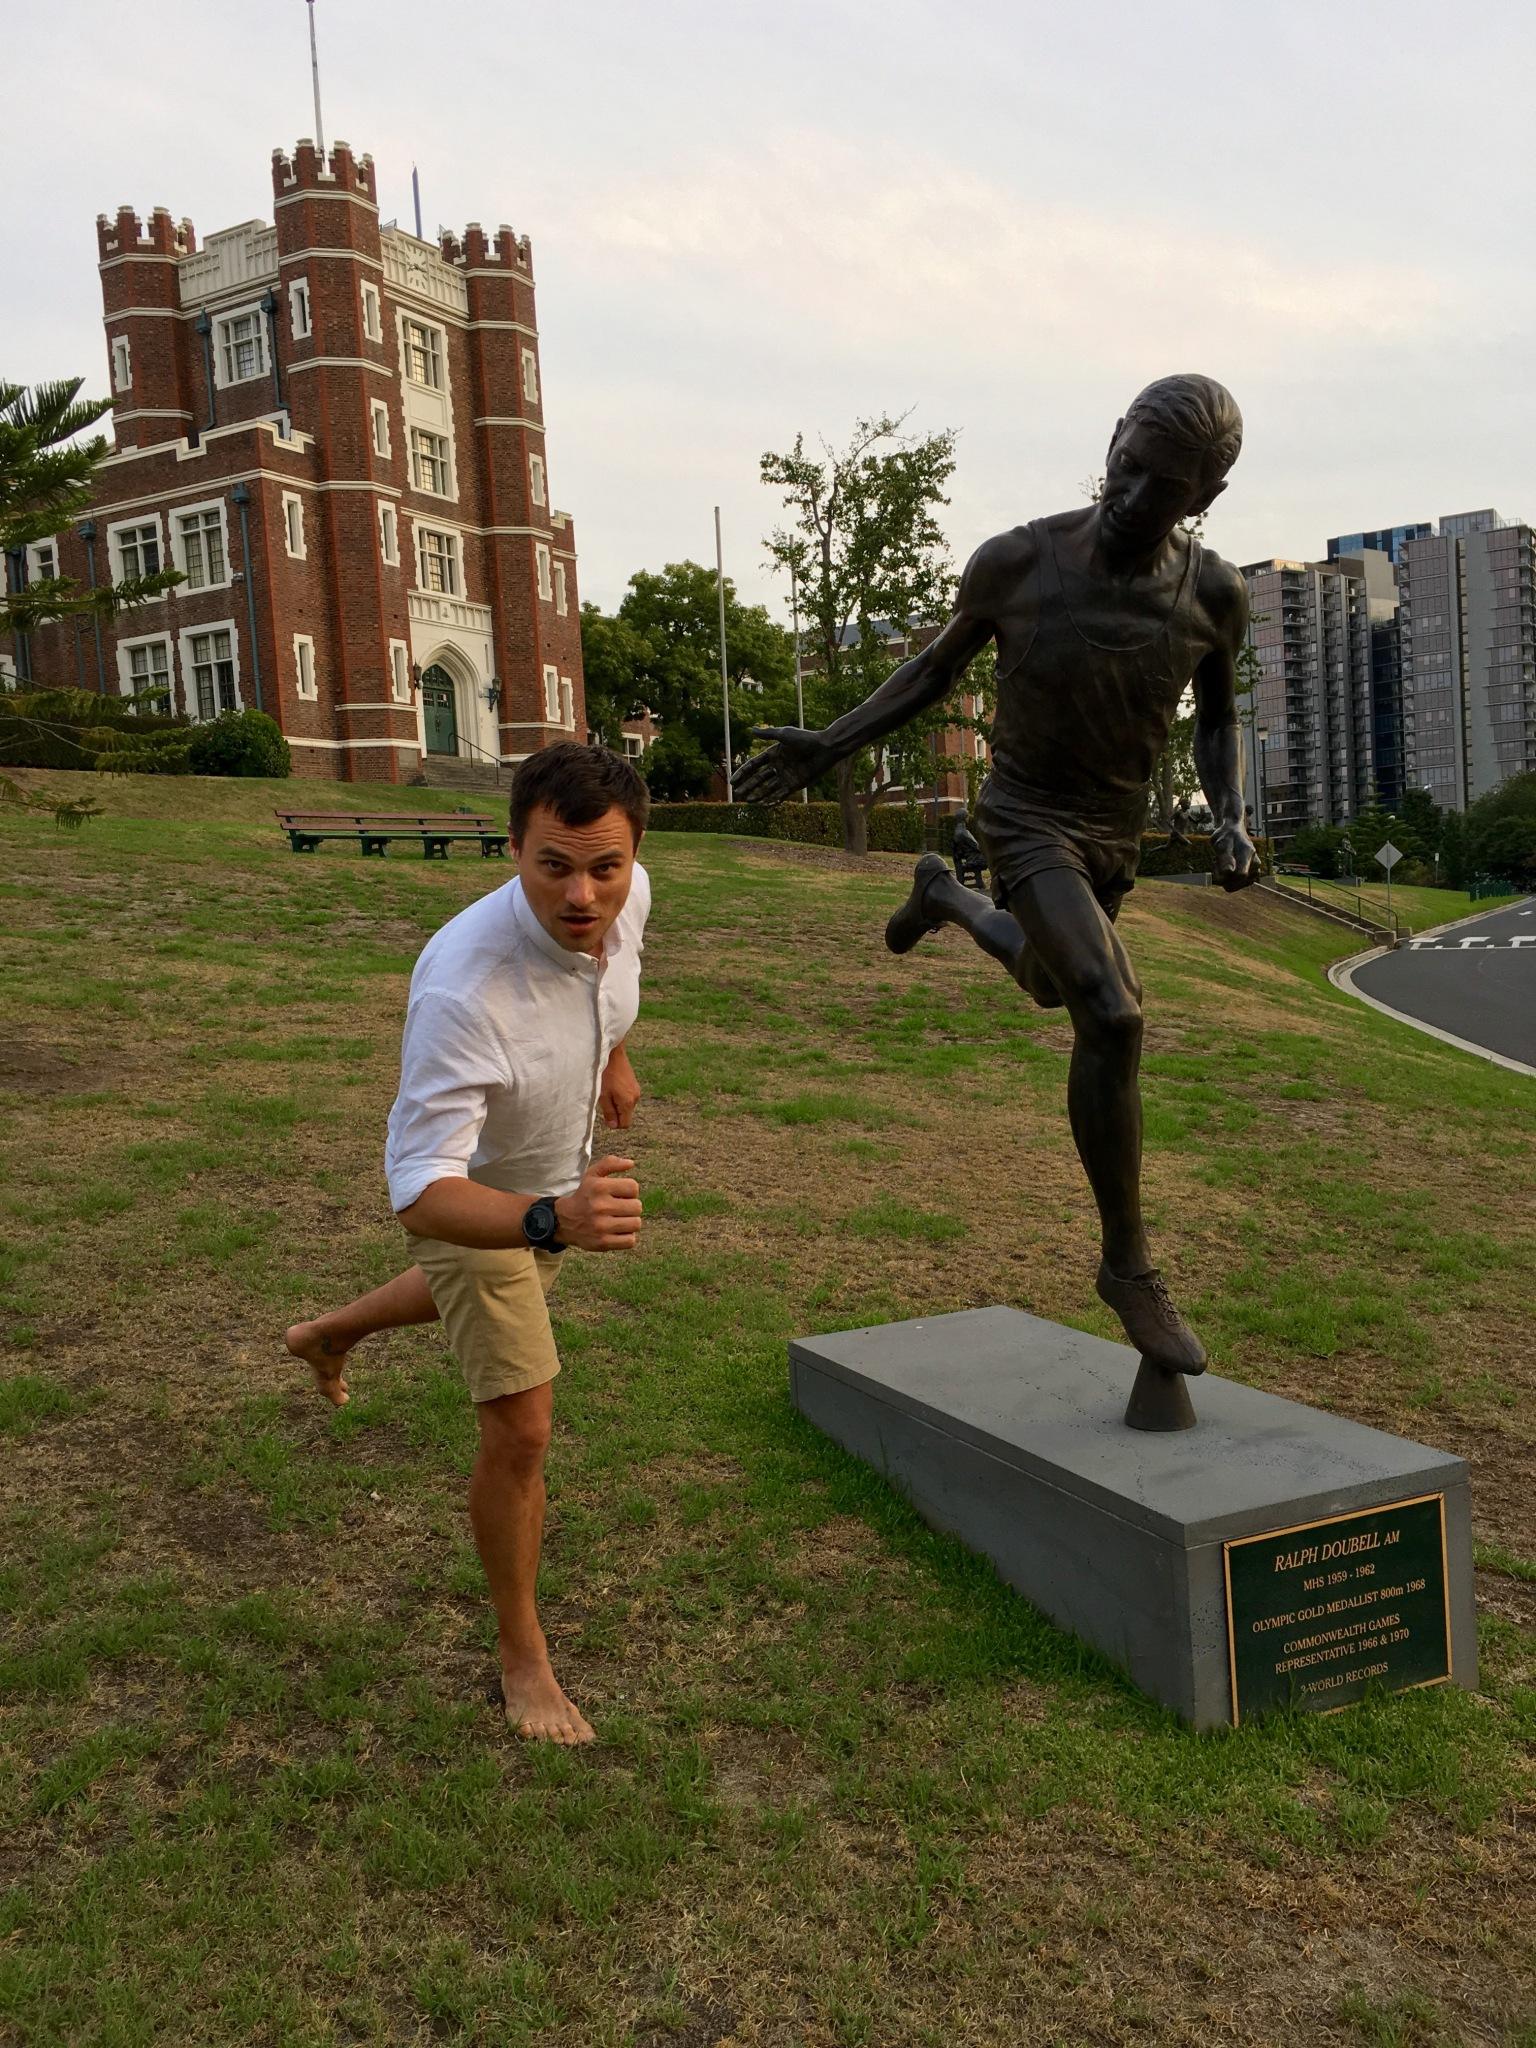 Ralph Doubell statue Melbourne Australia